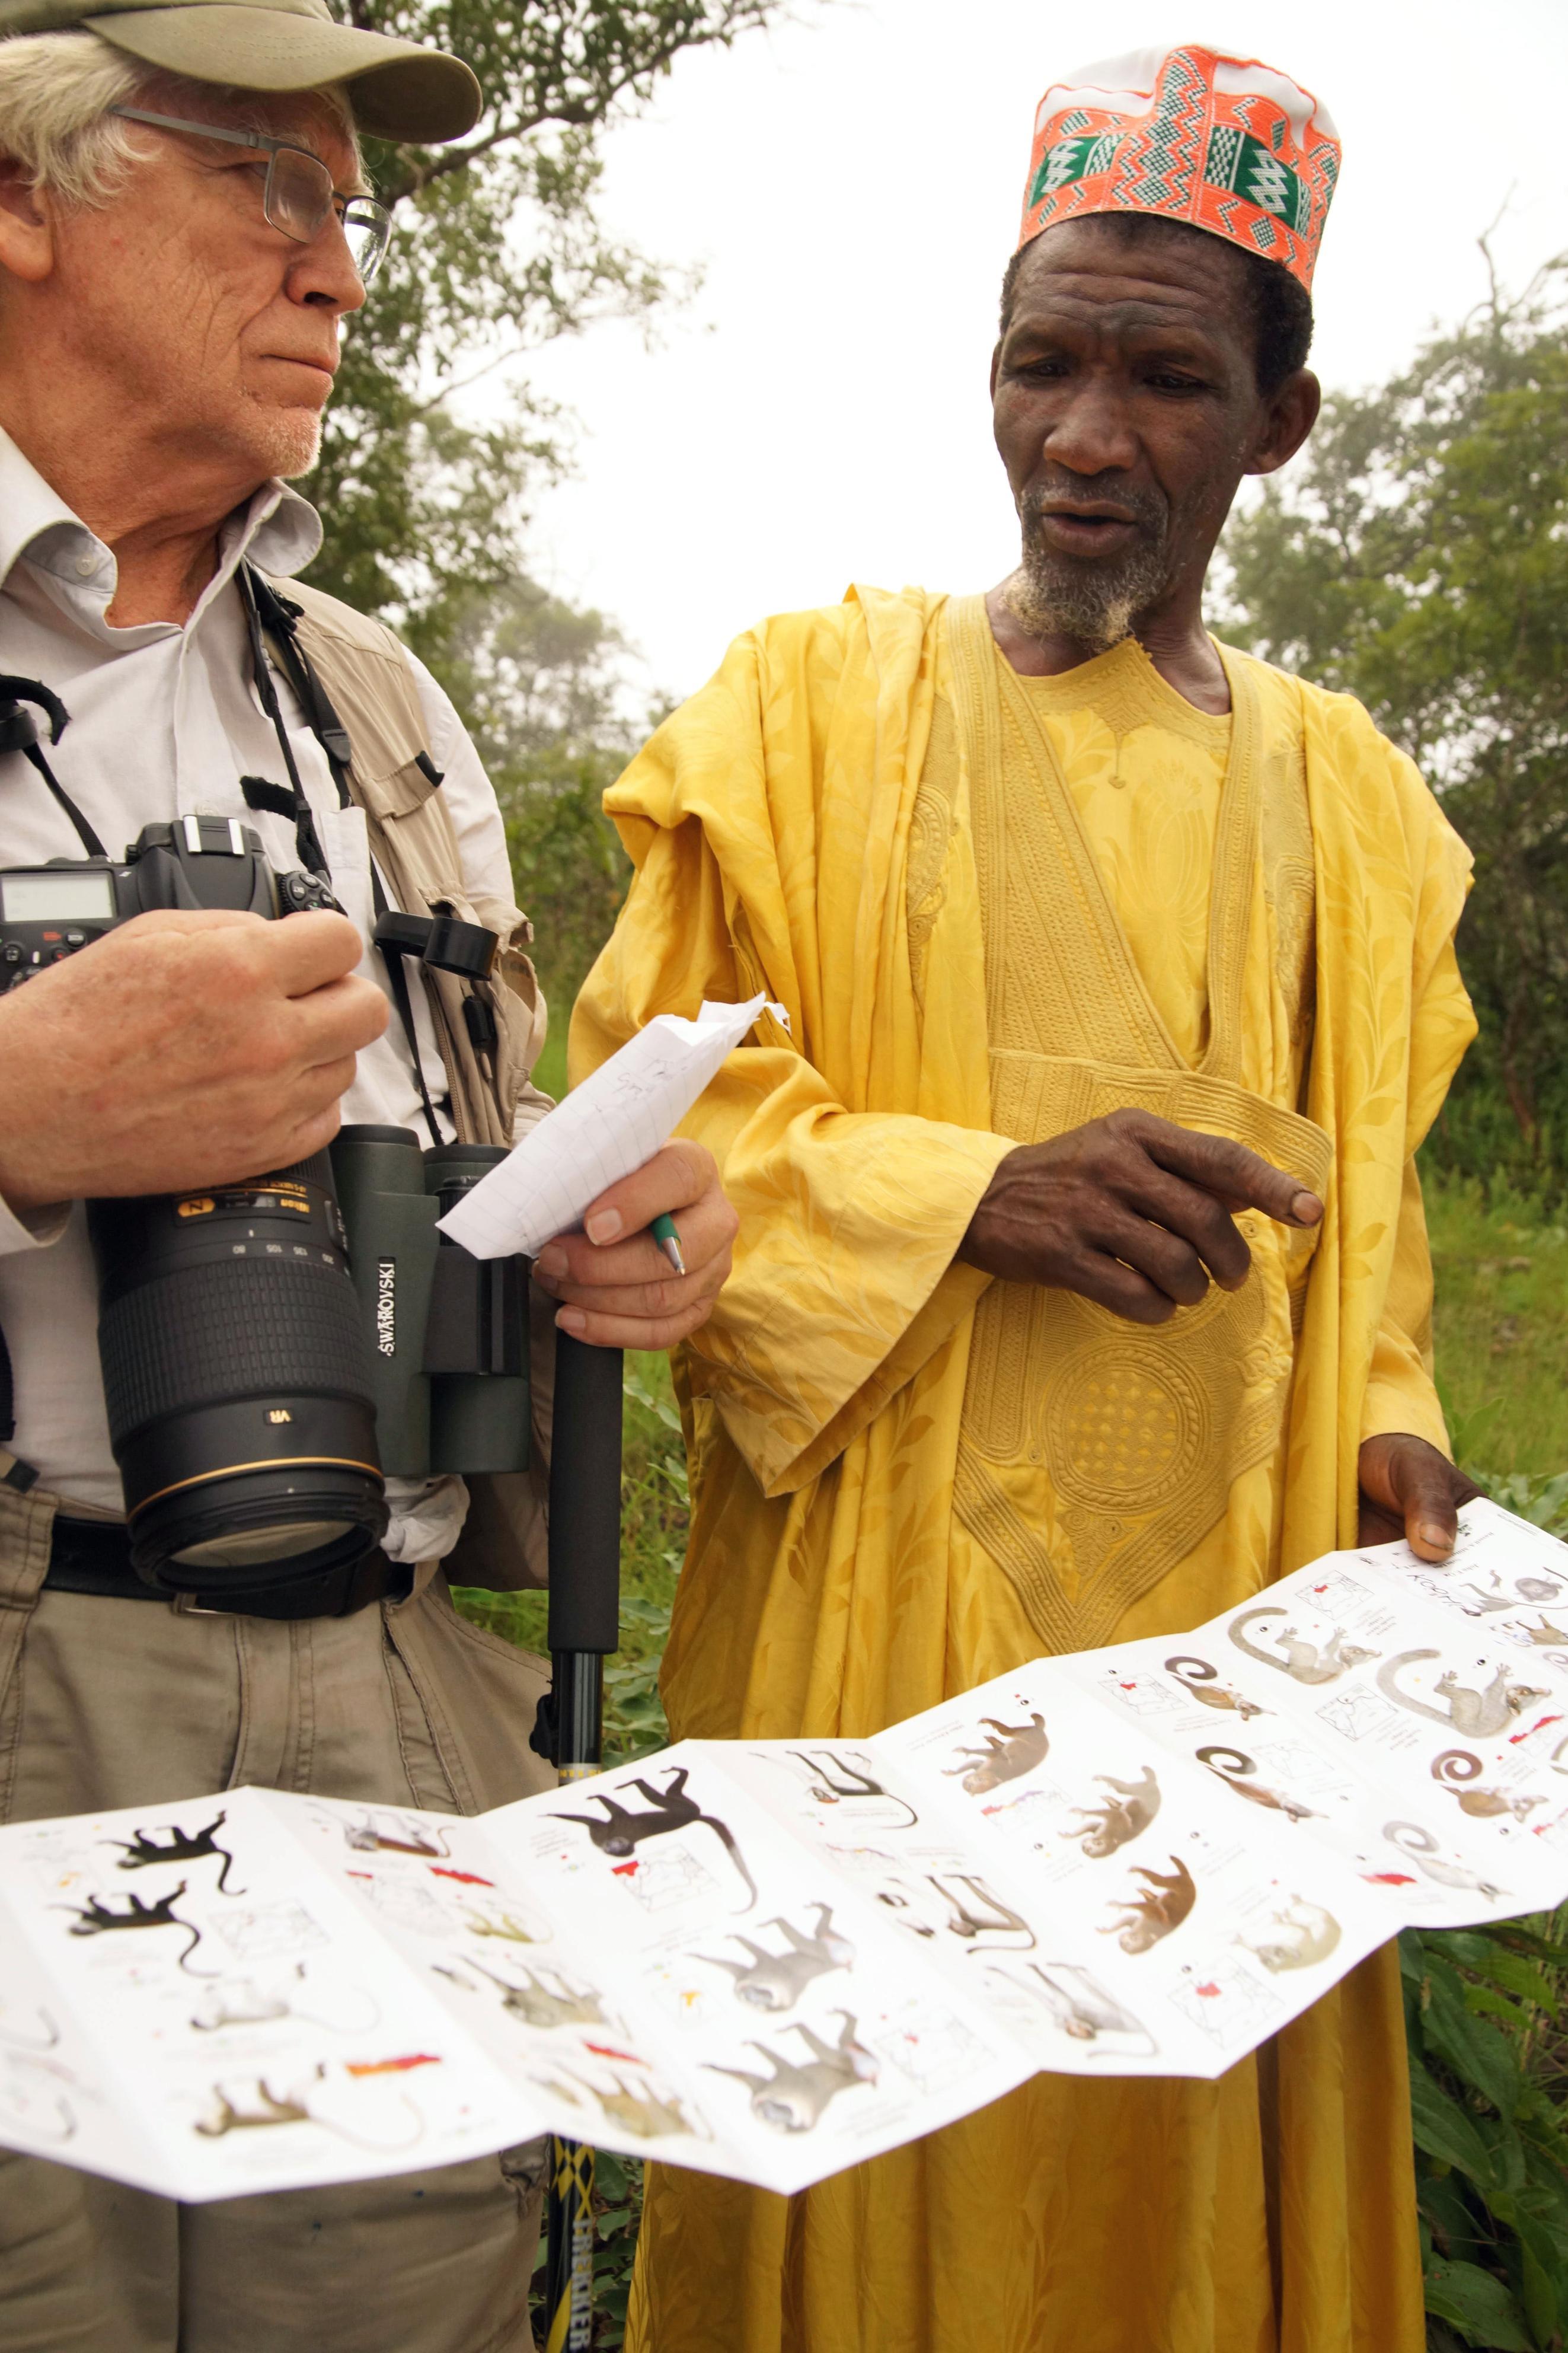 フィールドガイドを手に霊長類の様子を語るサリー・アマドゥ(右)。ミッターマイヤーが次々に質問を浴びせる=ギニア・ラベ近郊